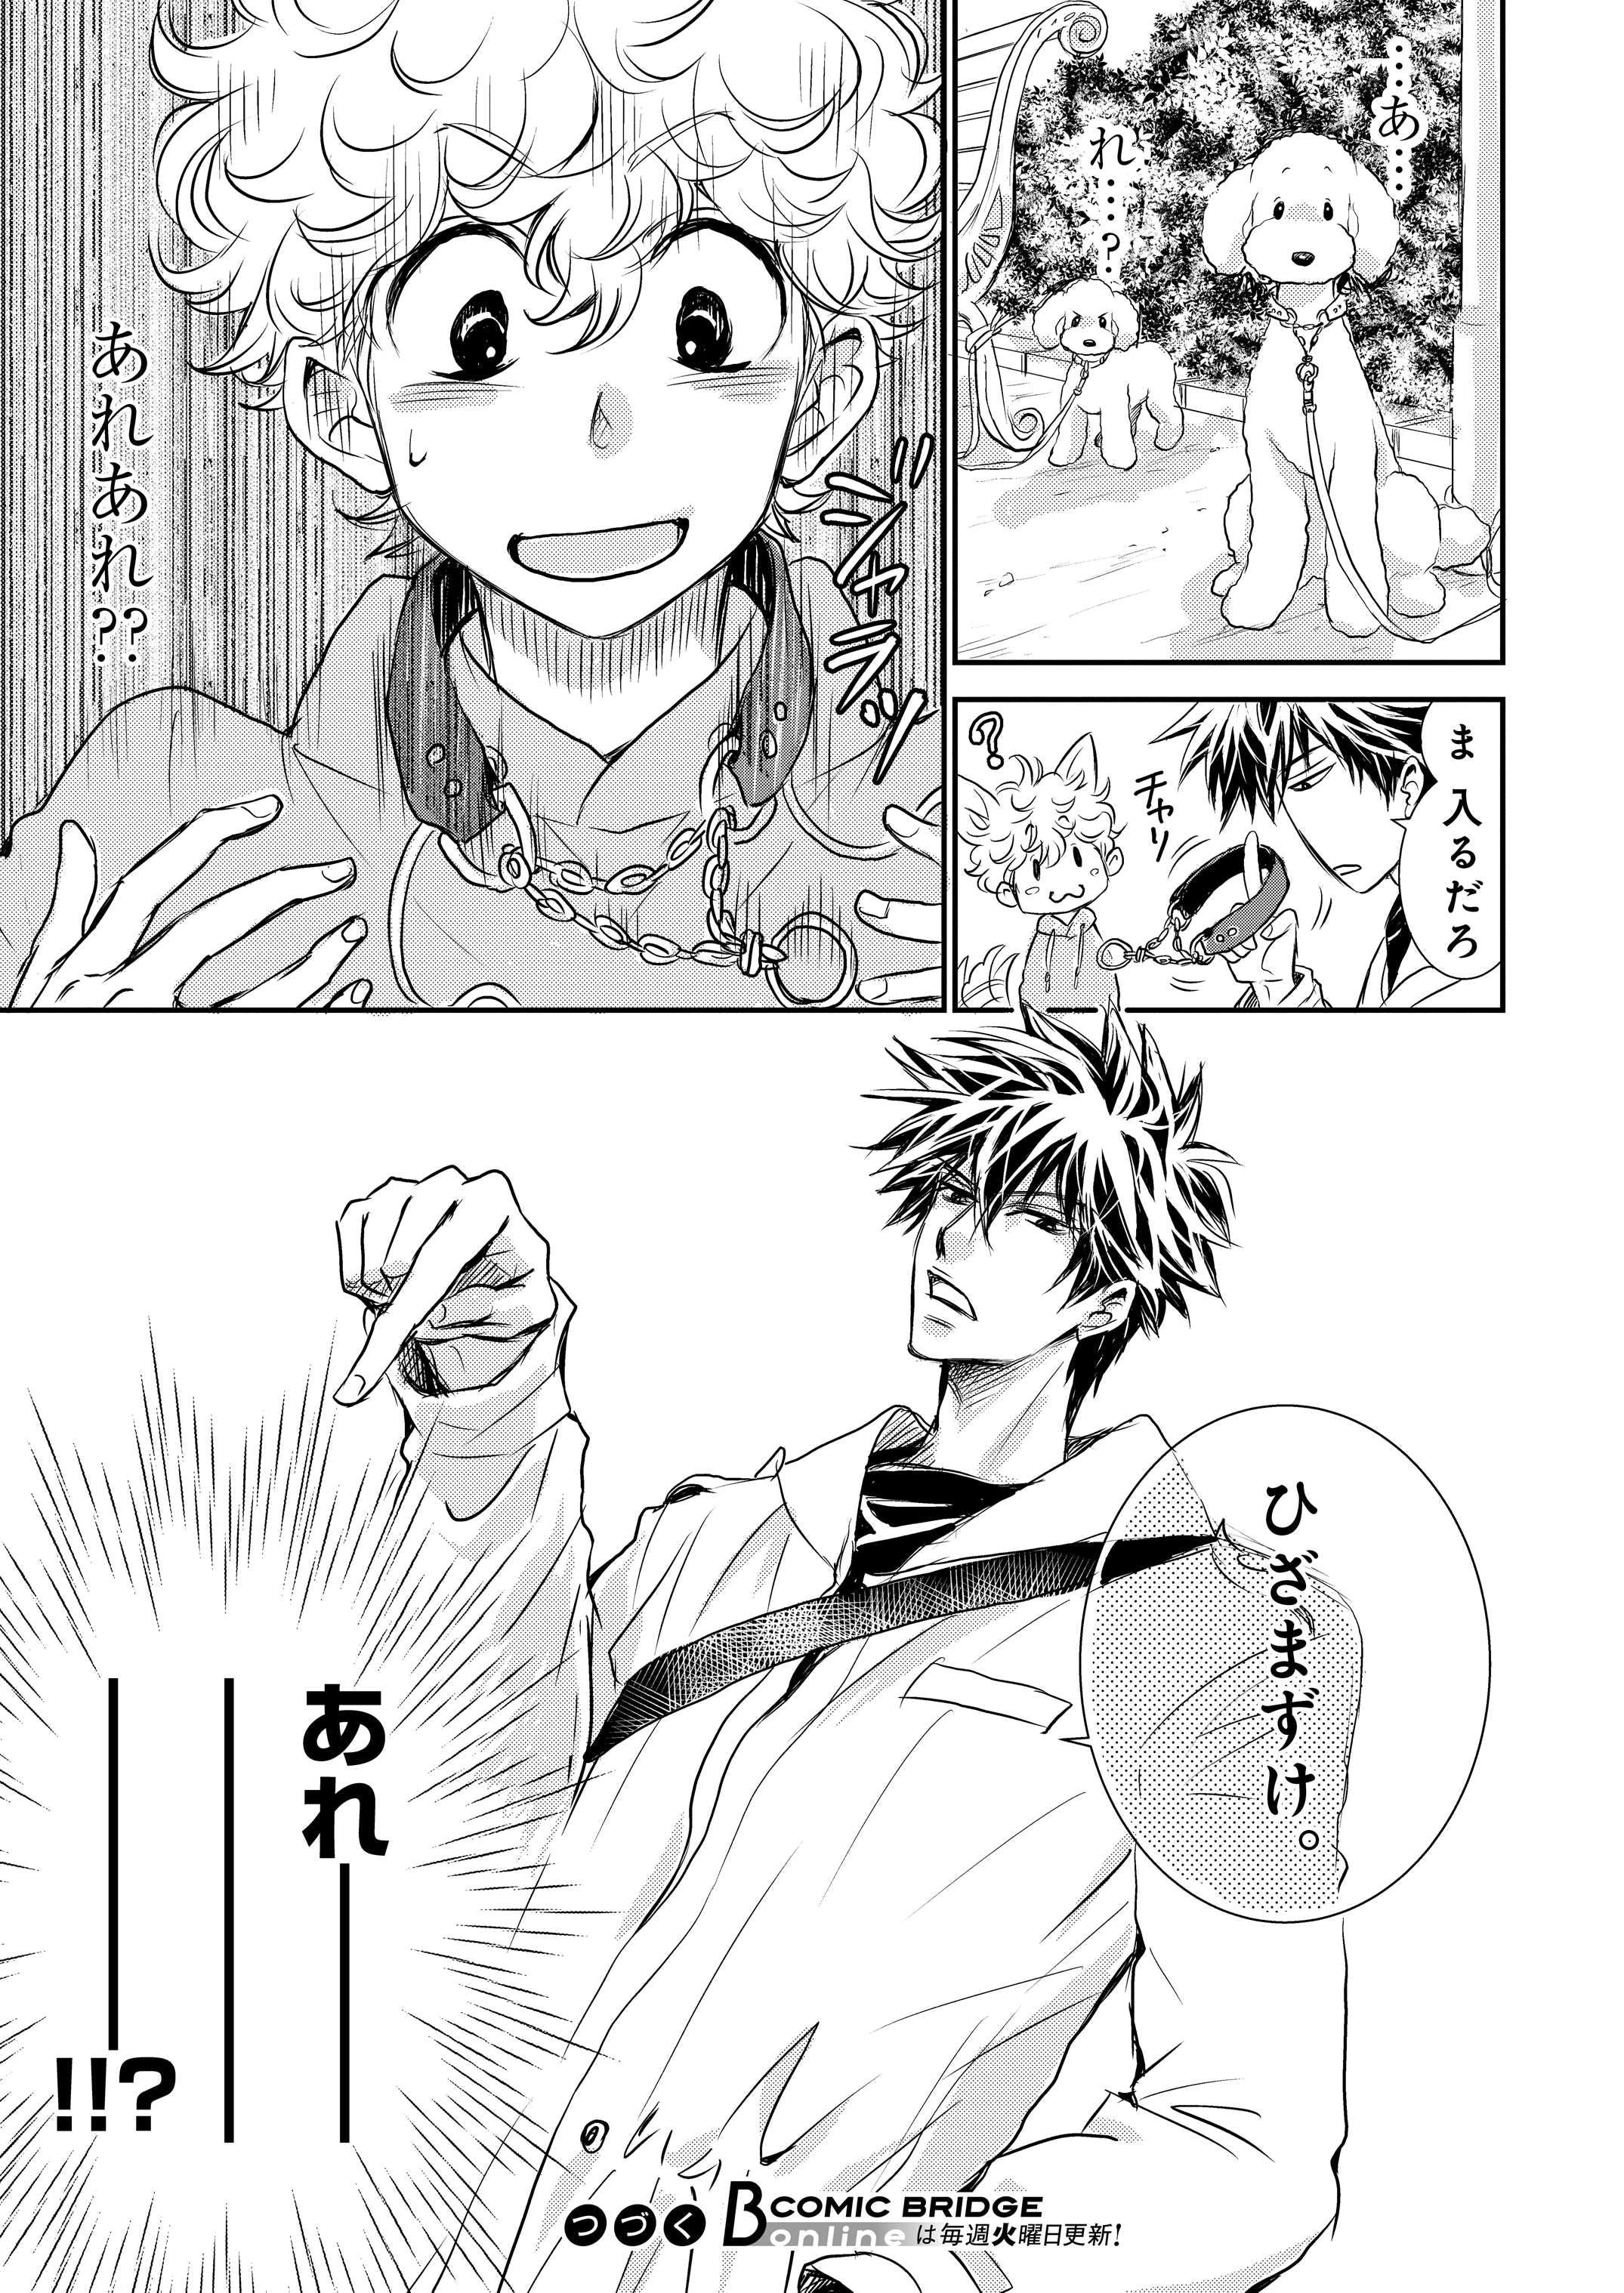 【新連載】『DOG SIGNAL』1話目② 8ページ目